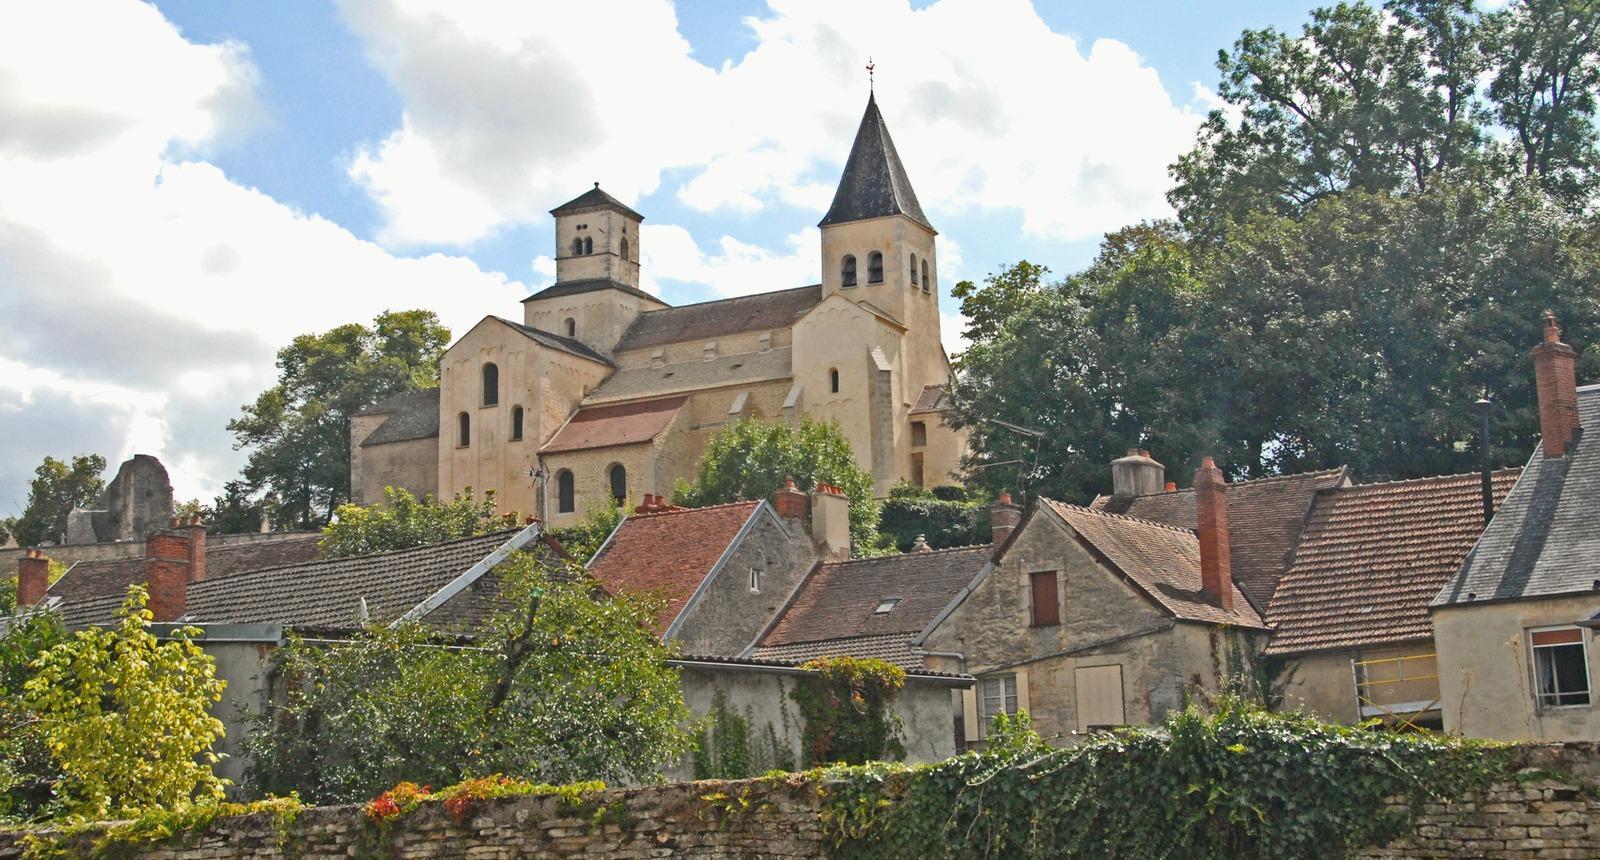 Saint-Vorles de Châtillon-sur-Seine